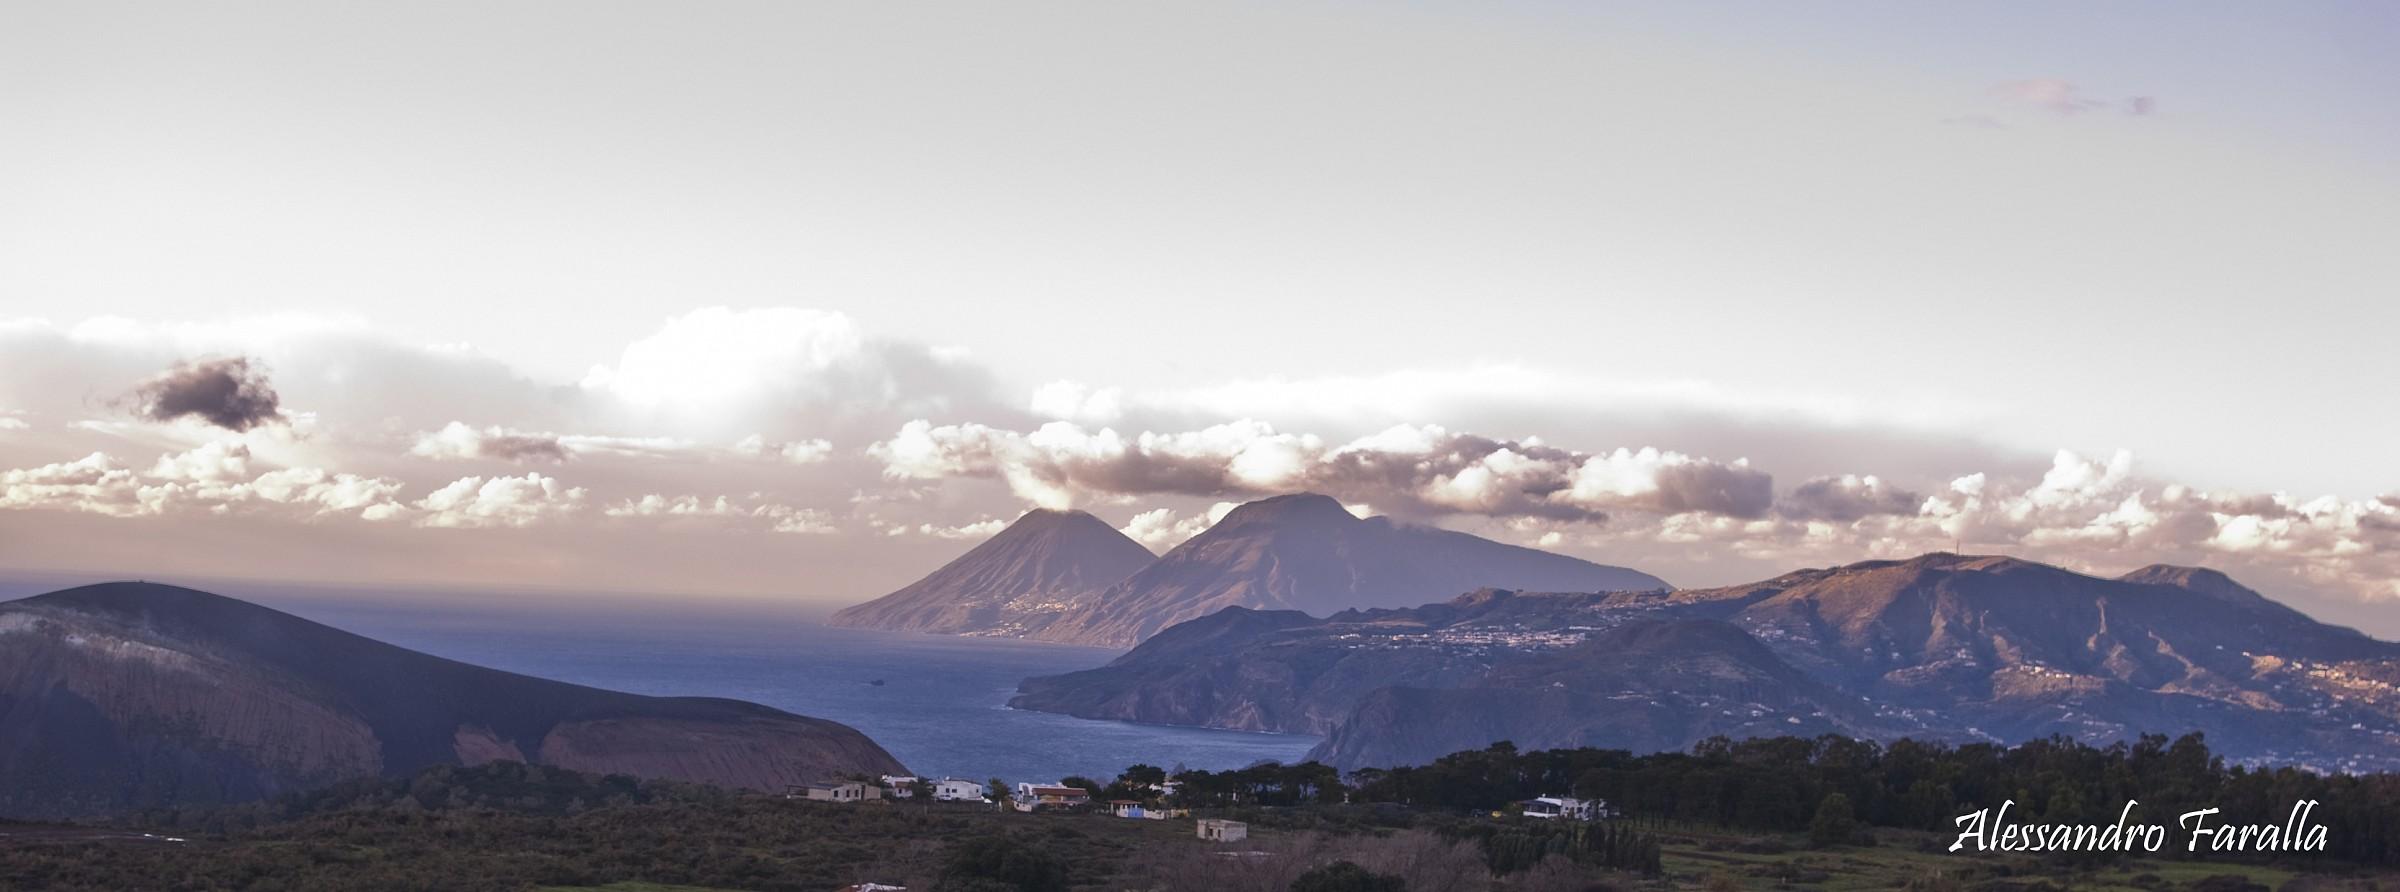 Vulcano - Lipari-Salina after a day of rain....